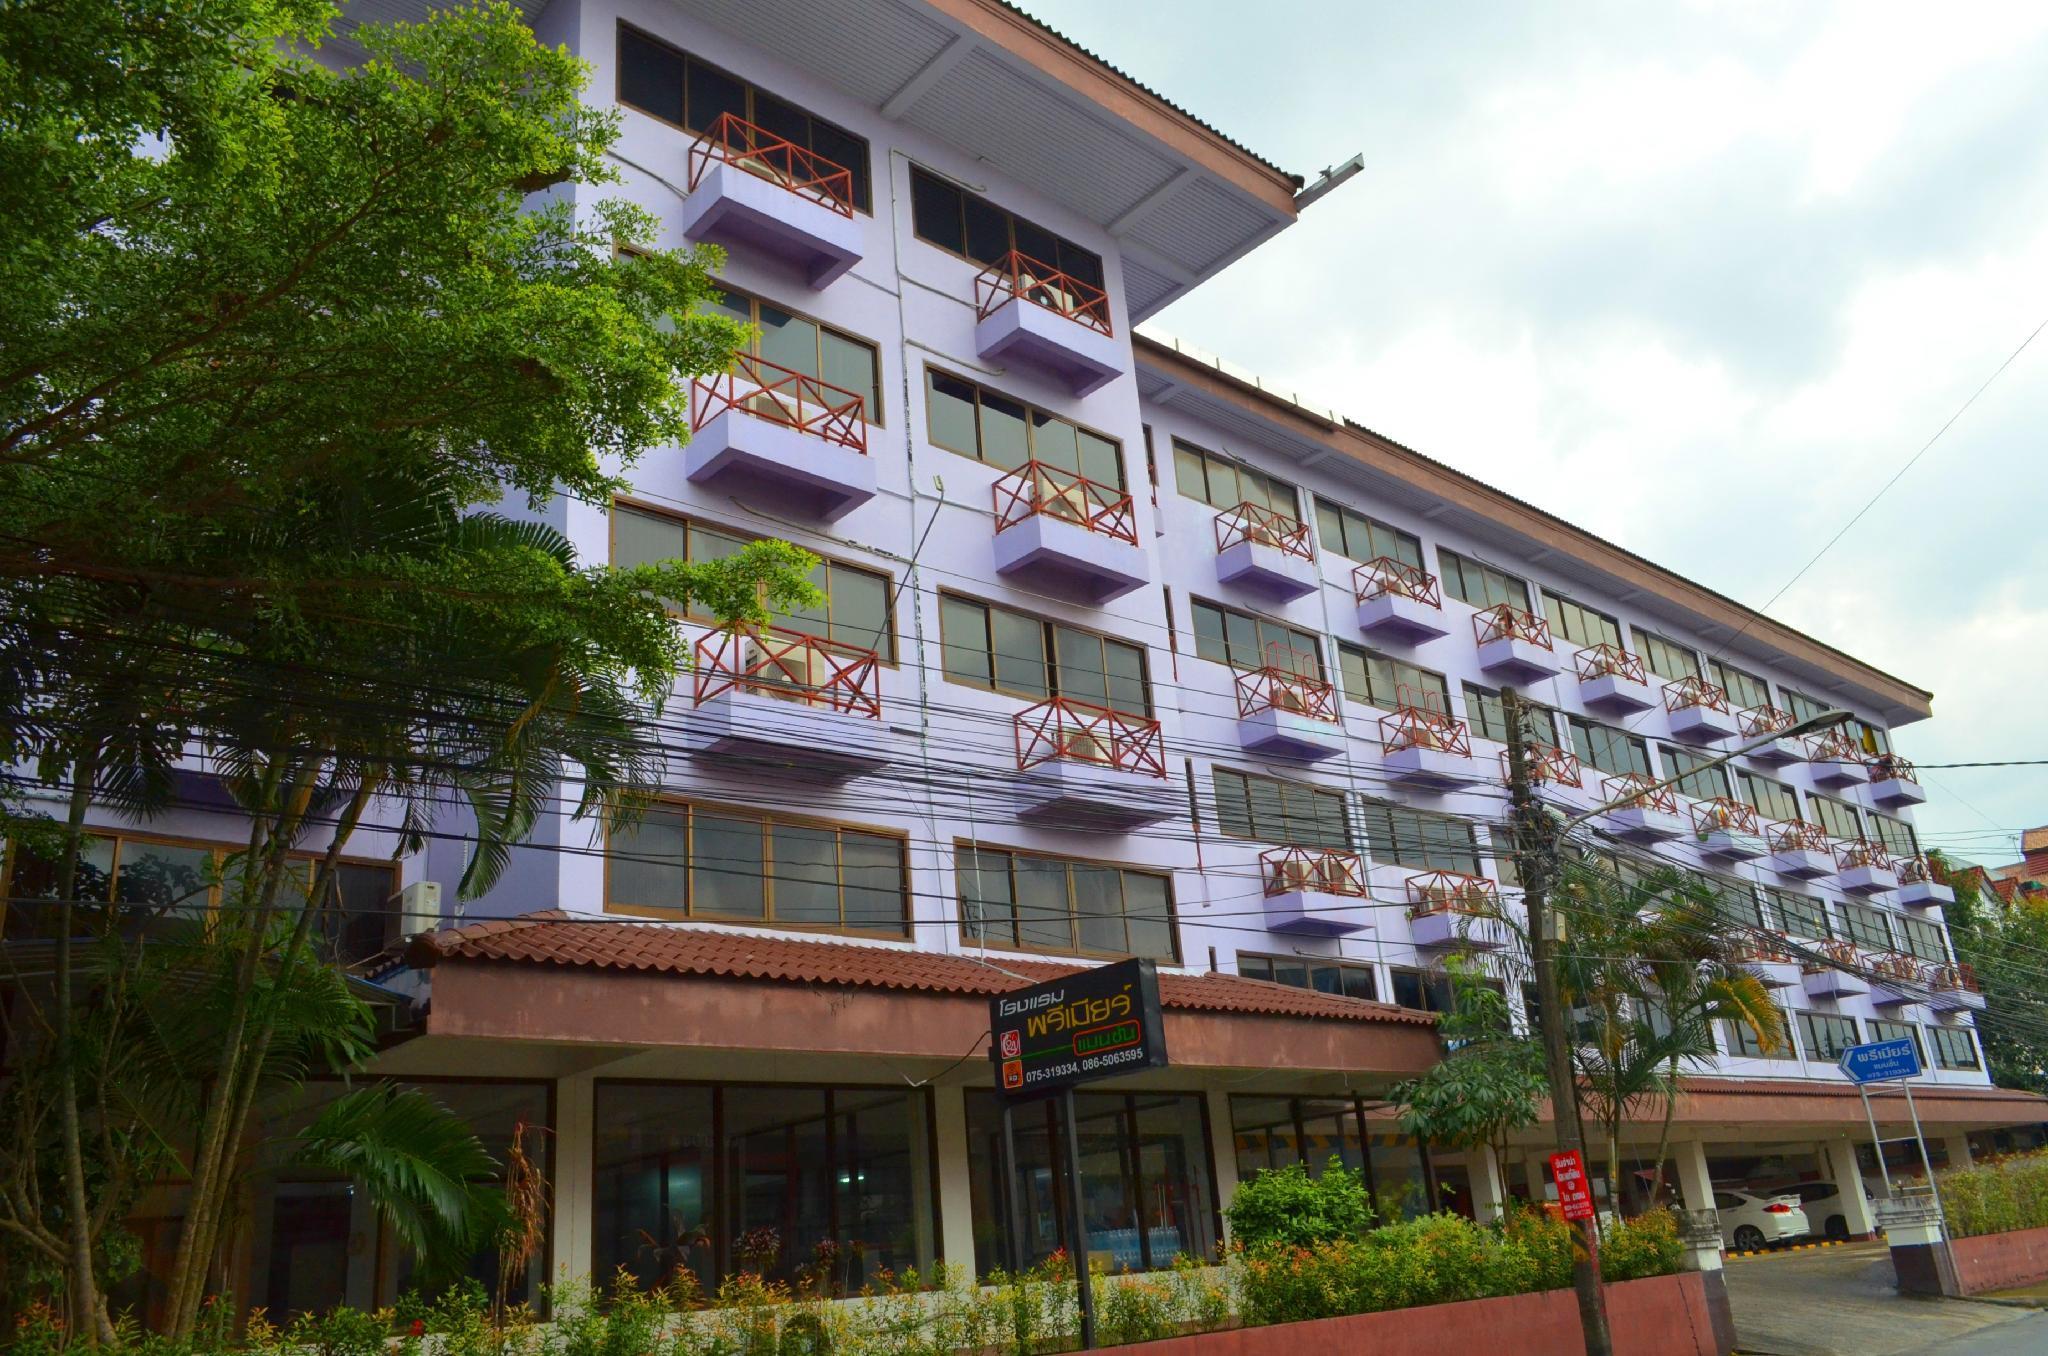 โรงแรมพรีเมียร์ นครศรีธรรมราช